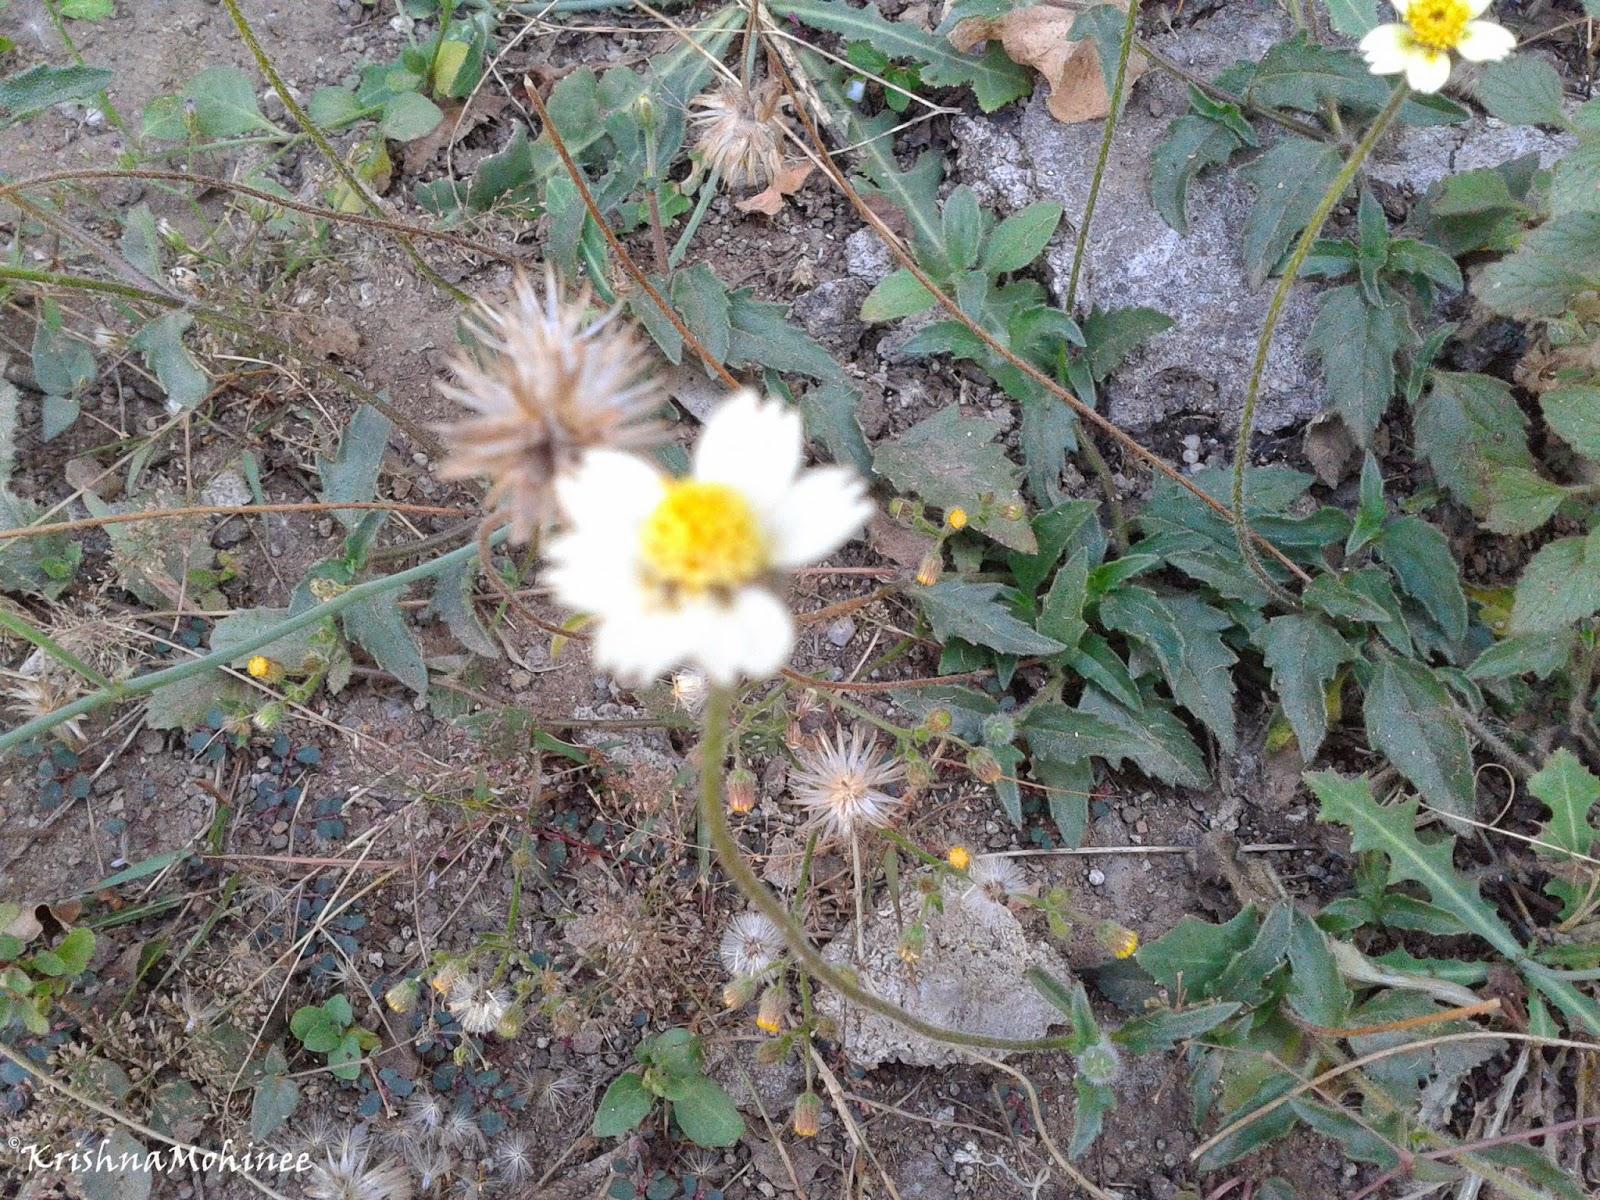 Image: White wild flower